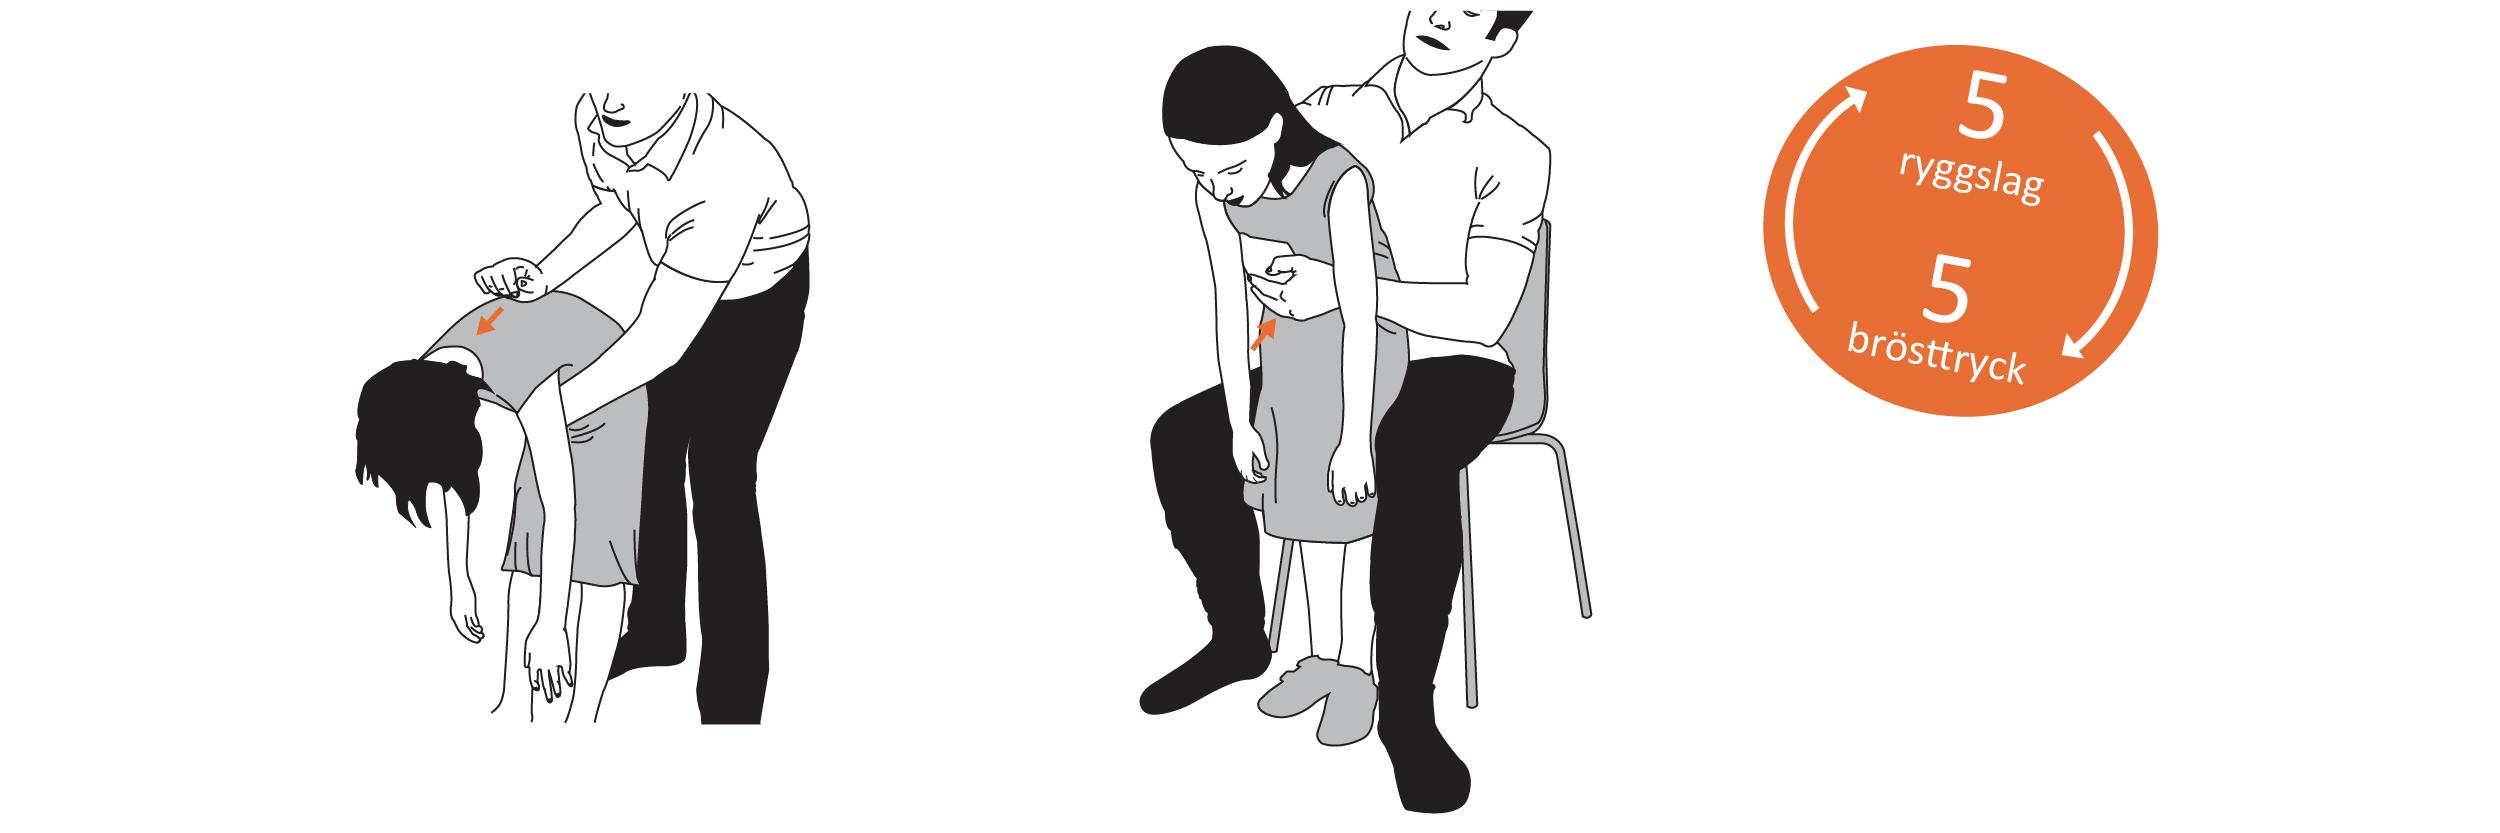 Luftvägsstopp barn heimlich-manövern | Eldupphör